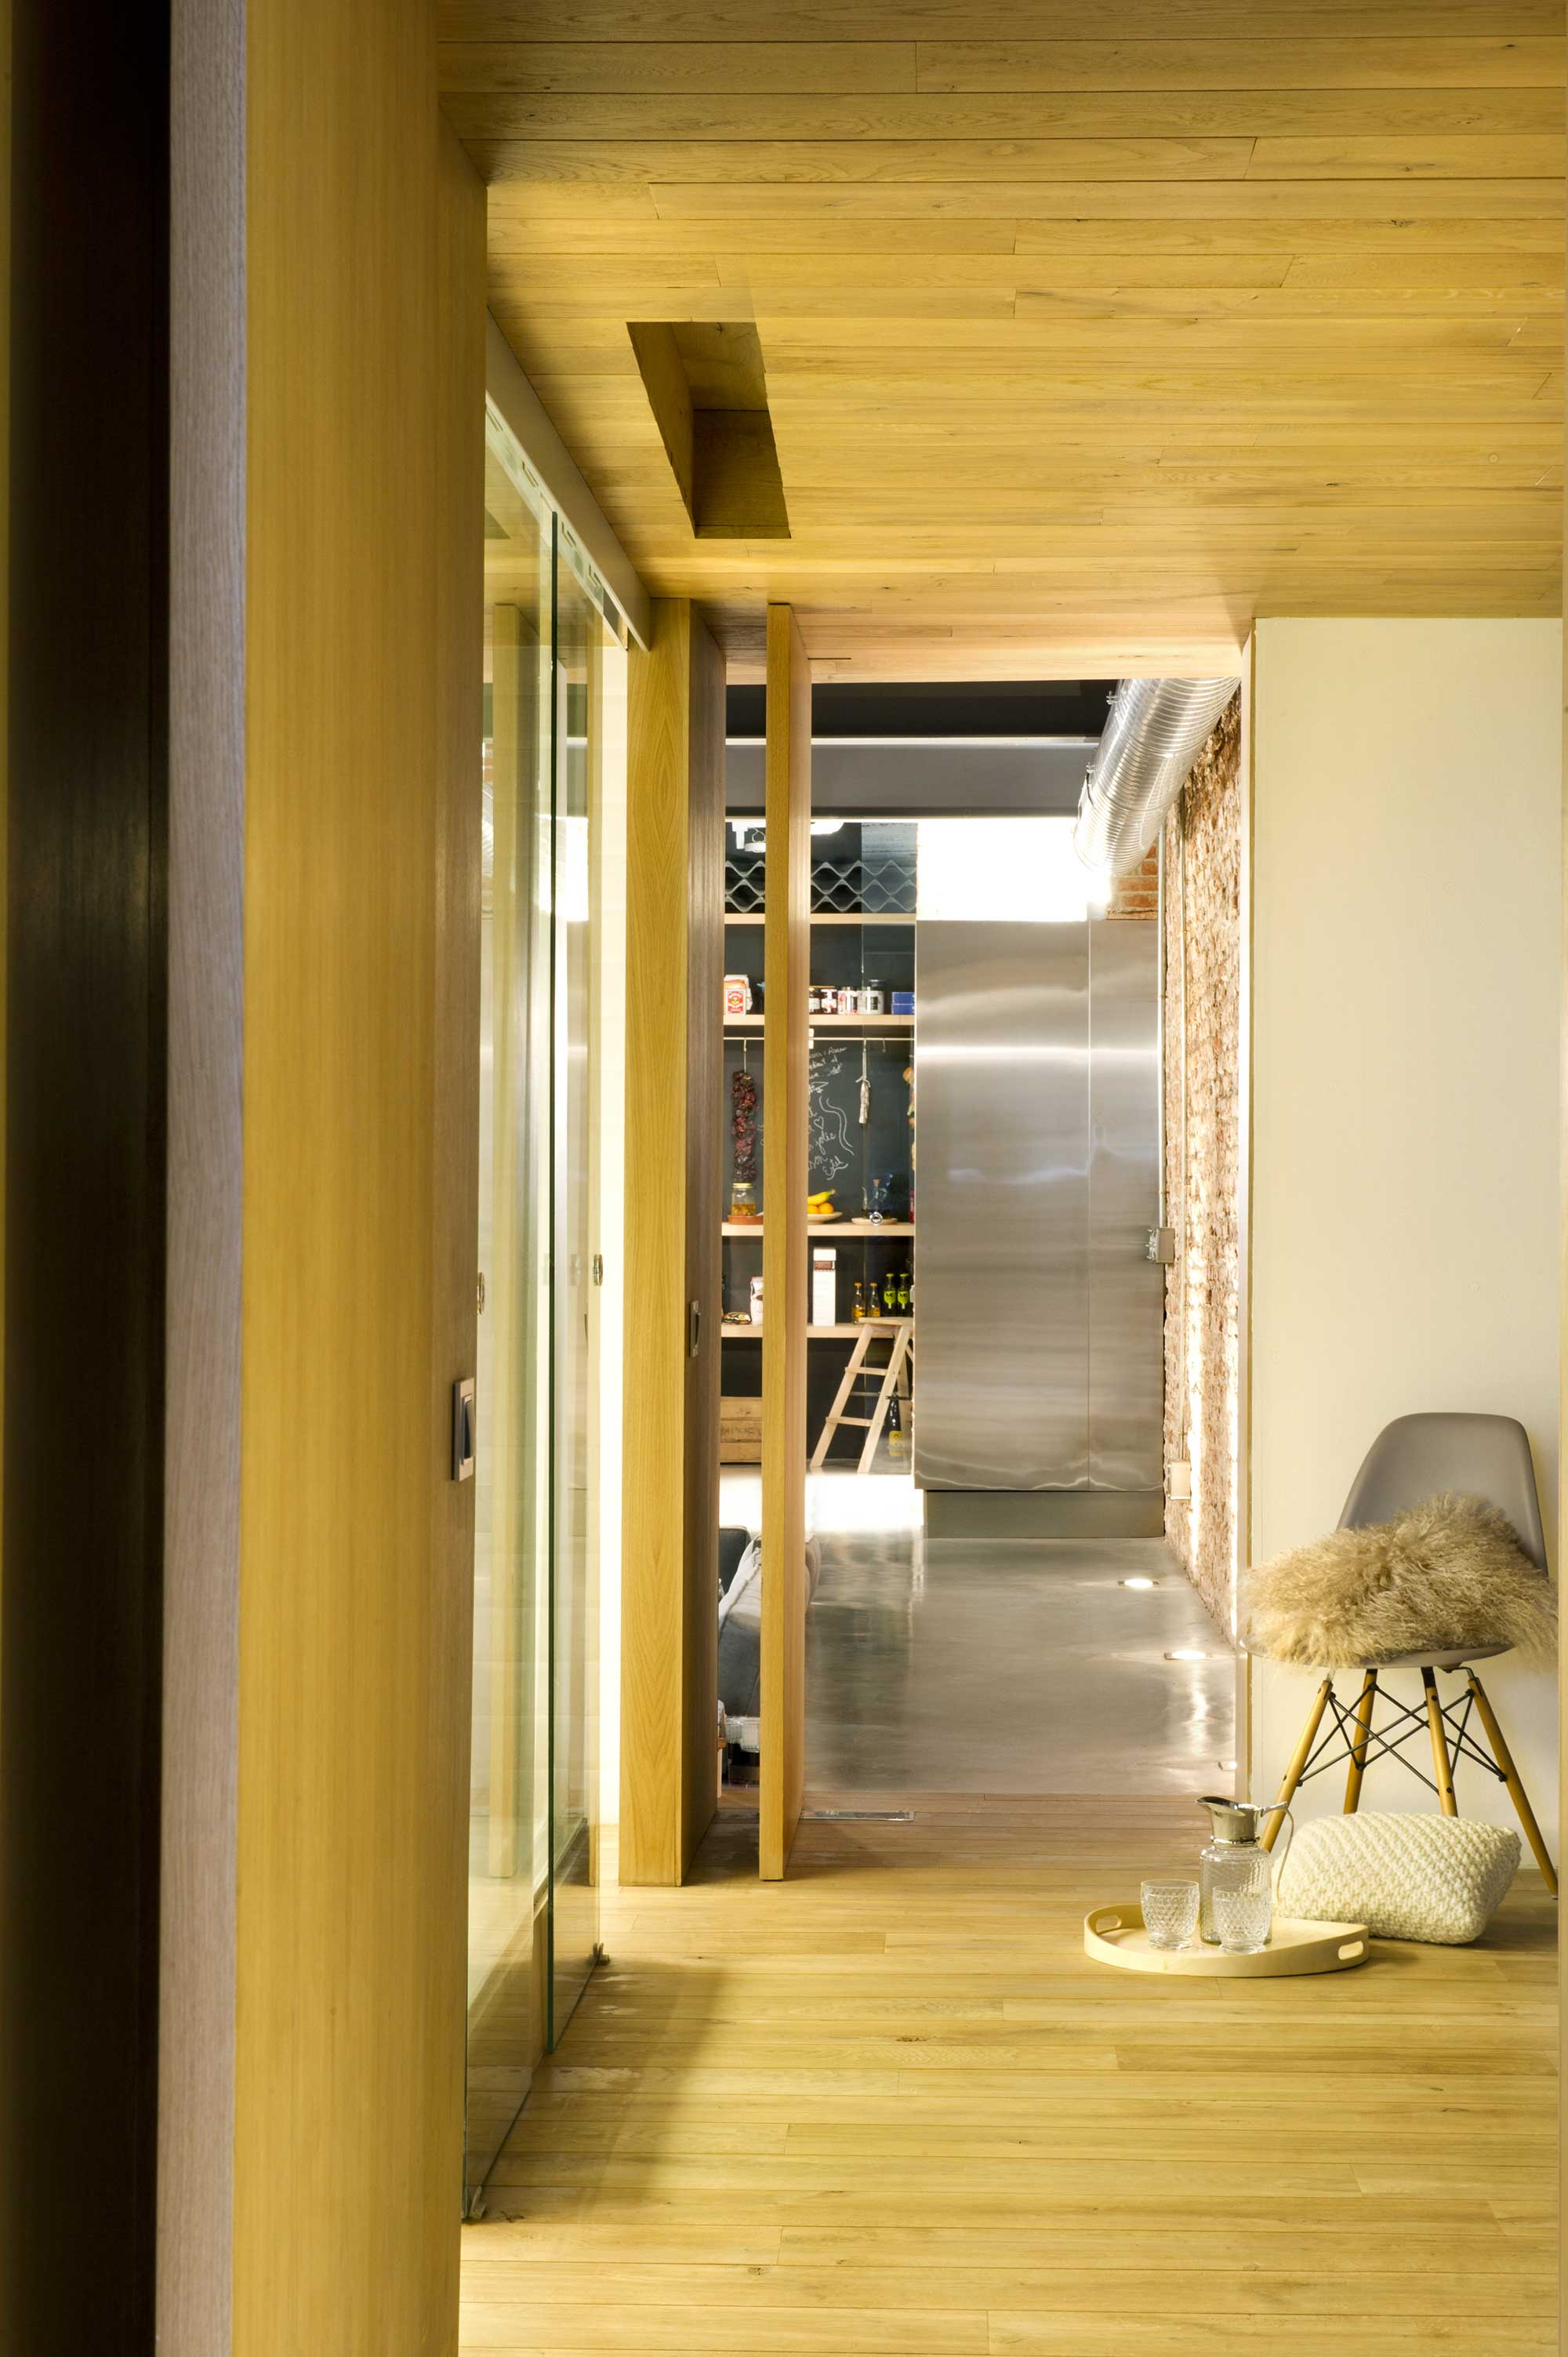 Salle de bains avec parquet - Loft en terrassa ...